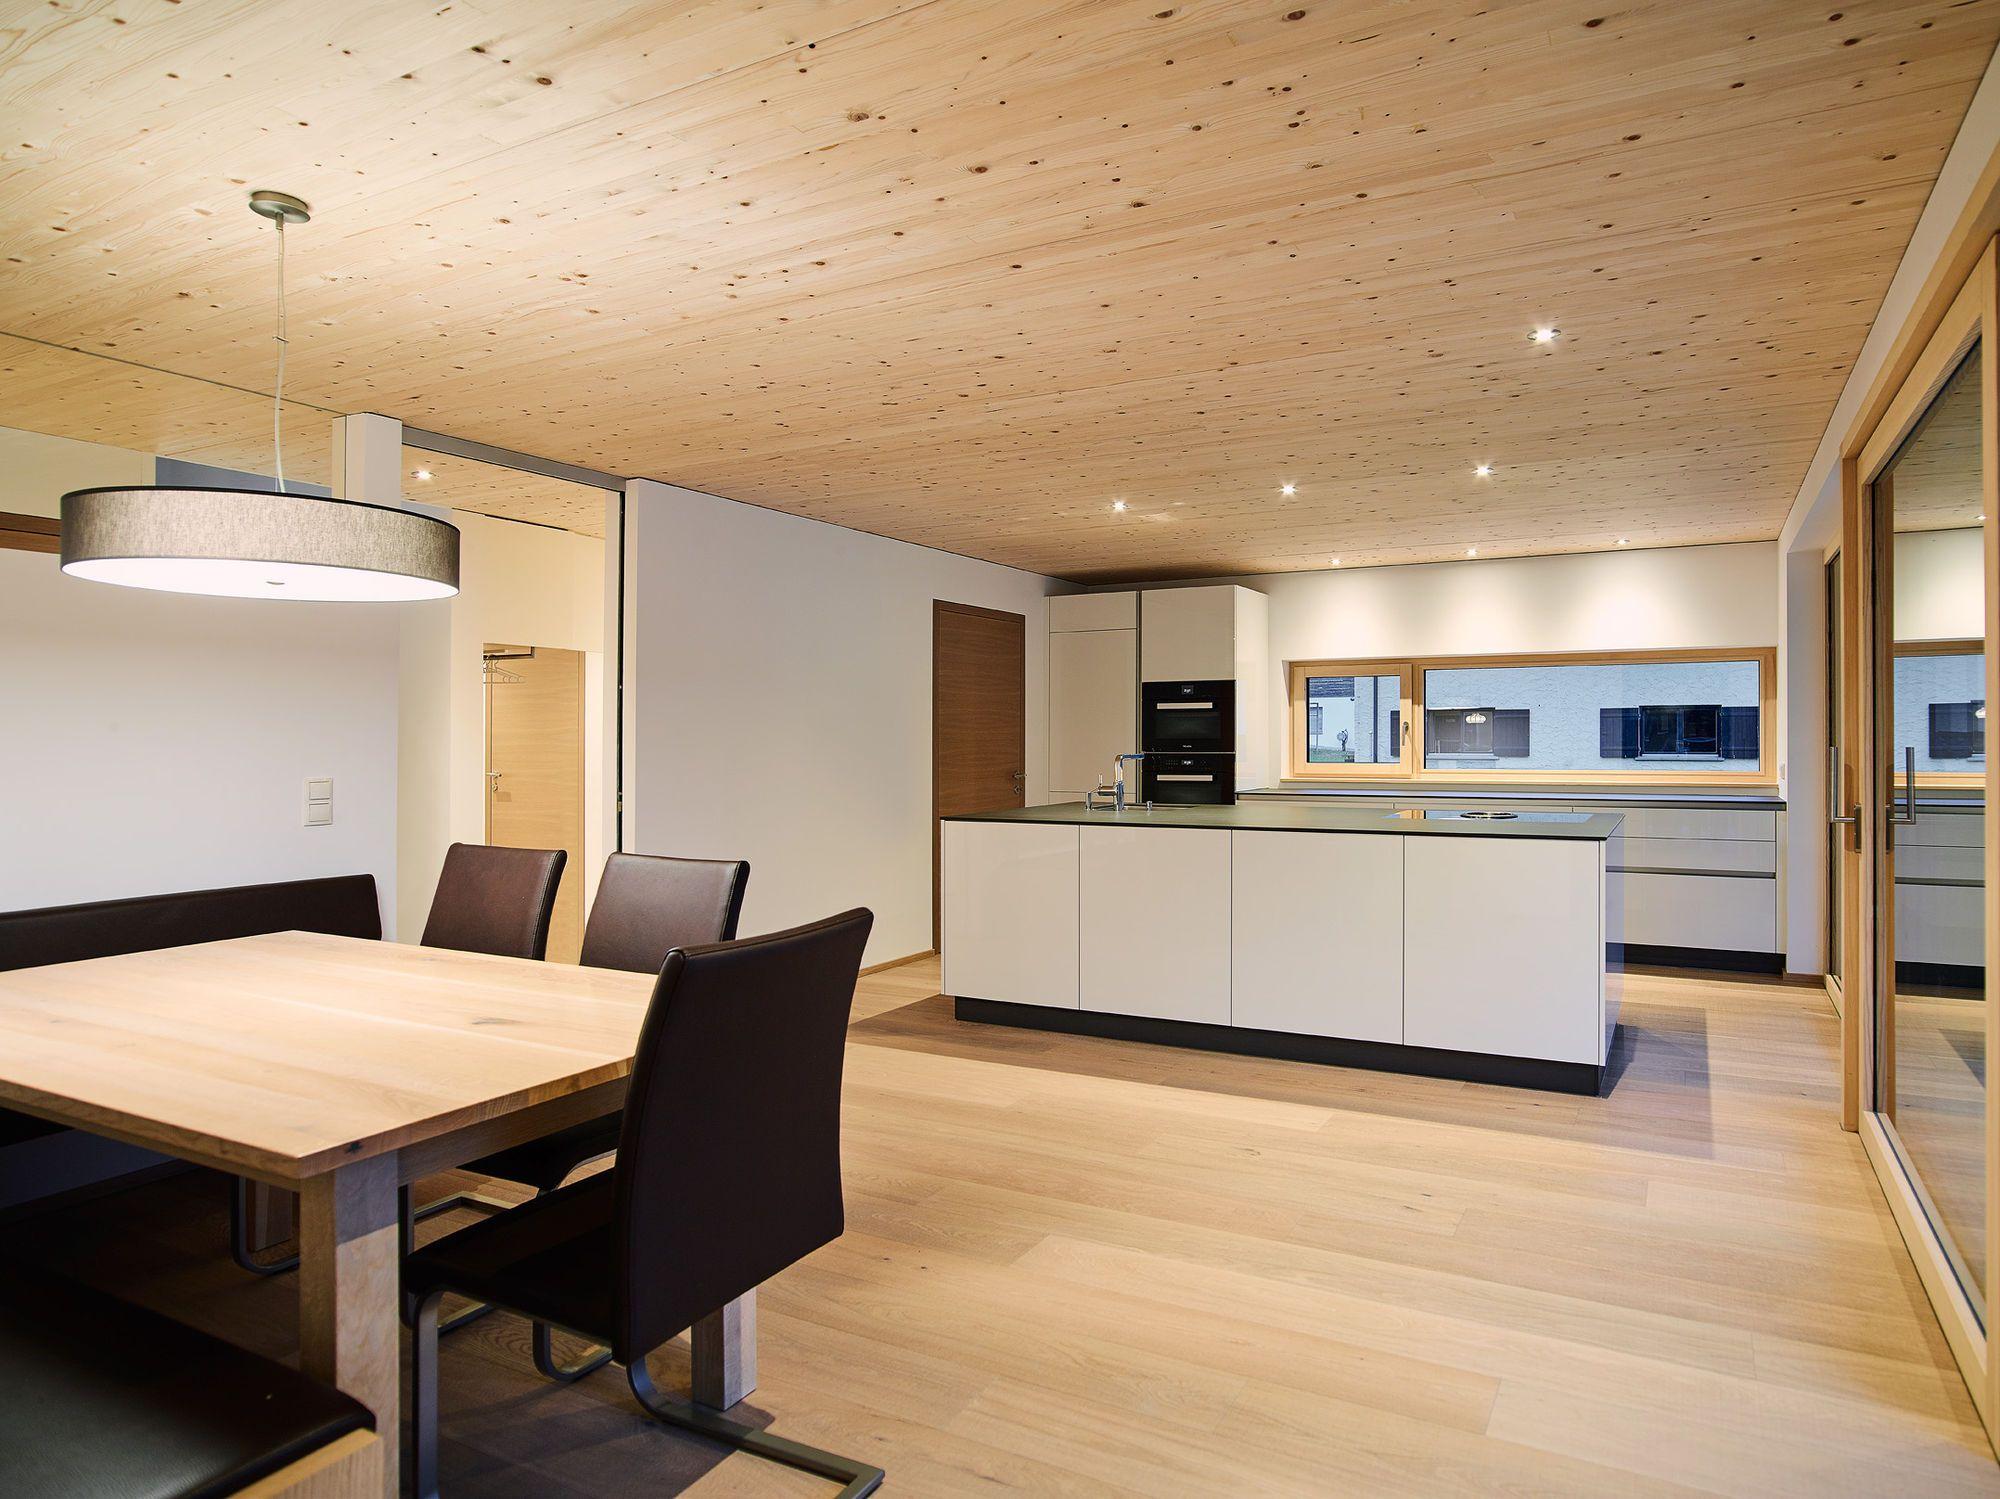 Holzdecken Verschiedene Deckenarten Beispiele